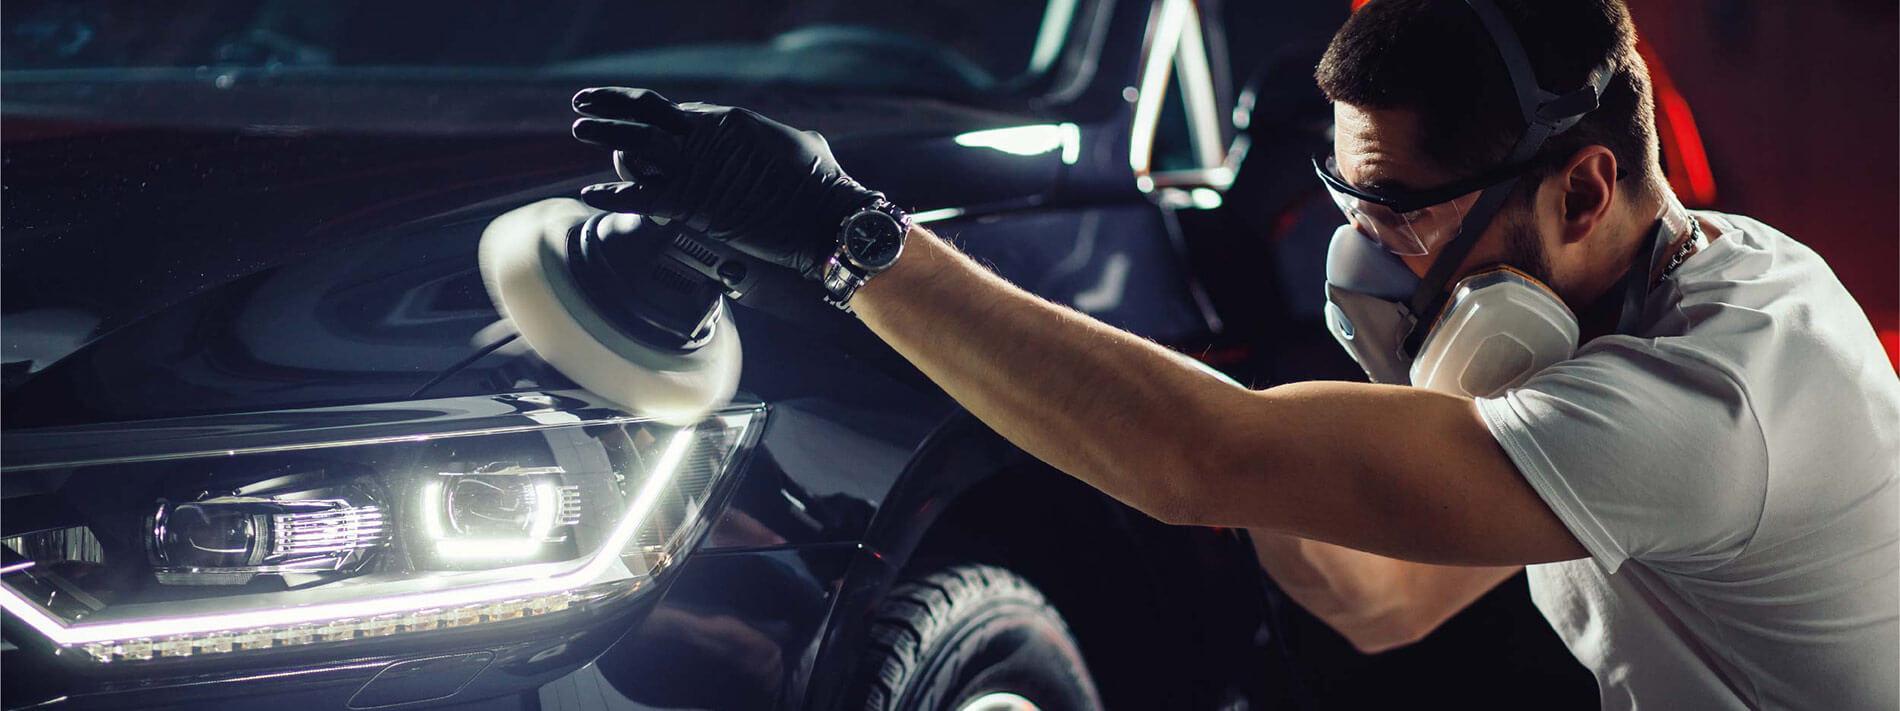 Poliranje karoserije vozila